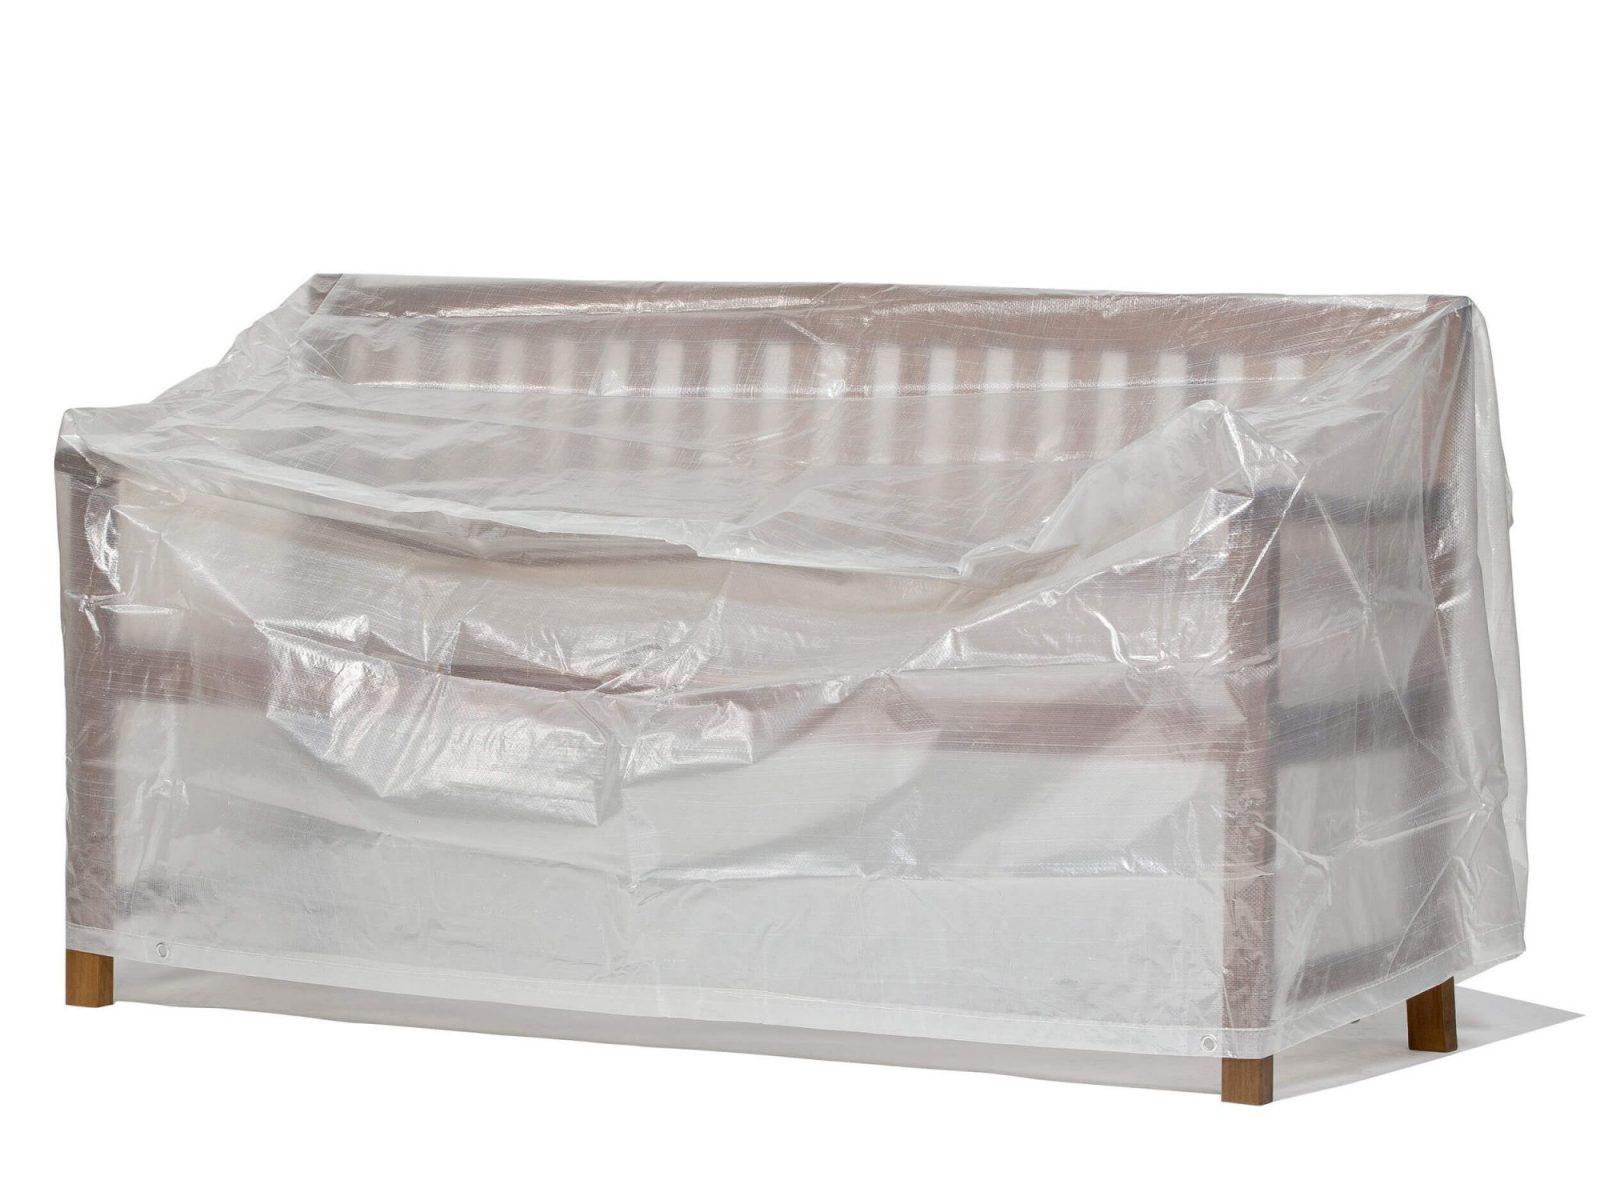 Schutzhüllen Für Gartenmöbel  Gartenmöbel Lünse von Gartentisch Abdeckung Nach Maß Bild